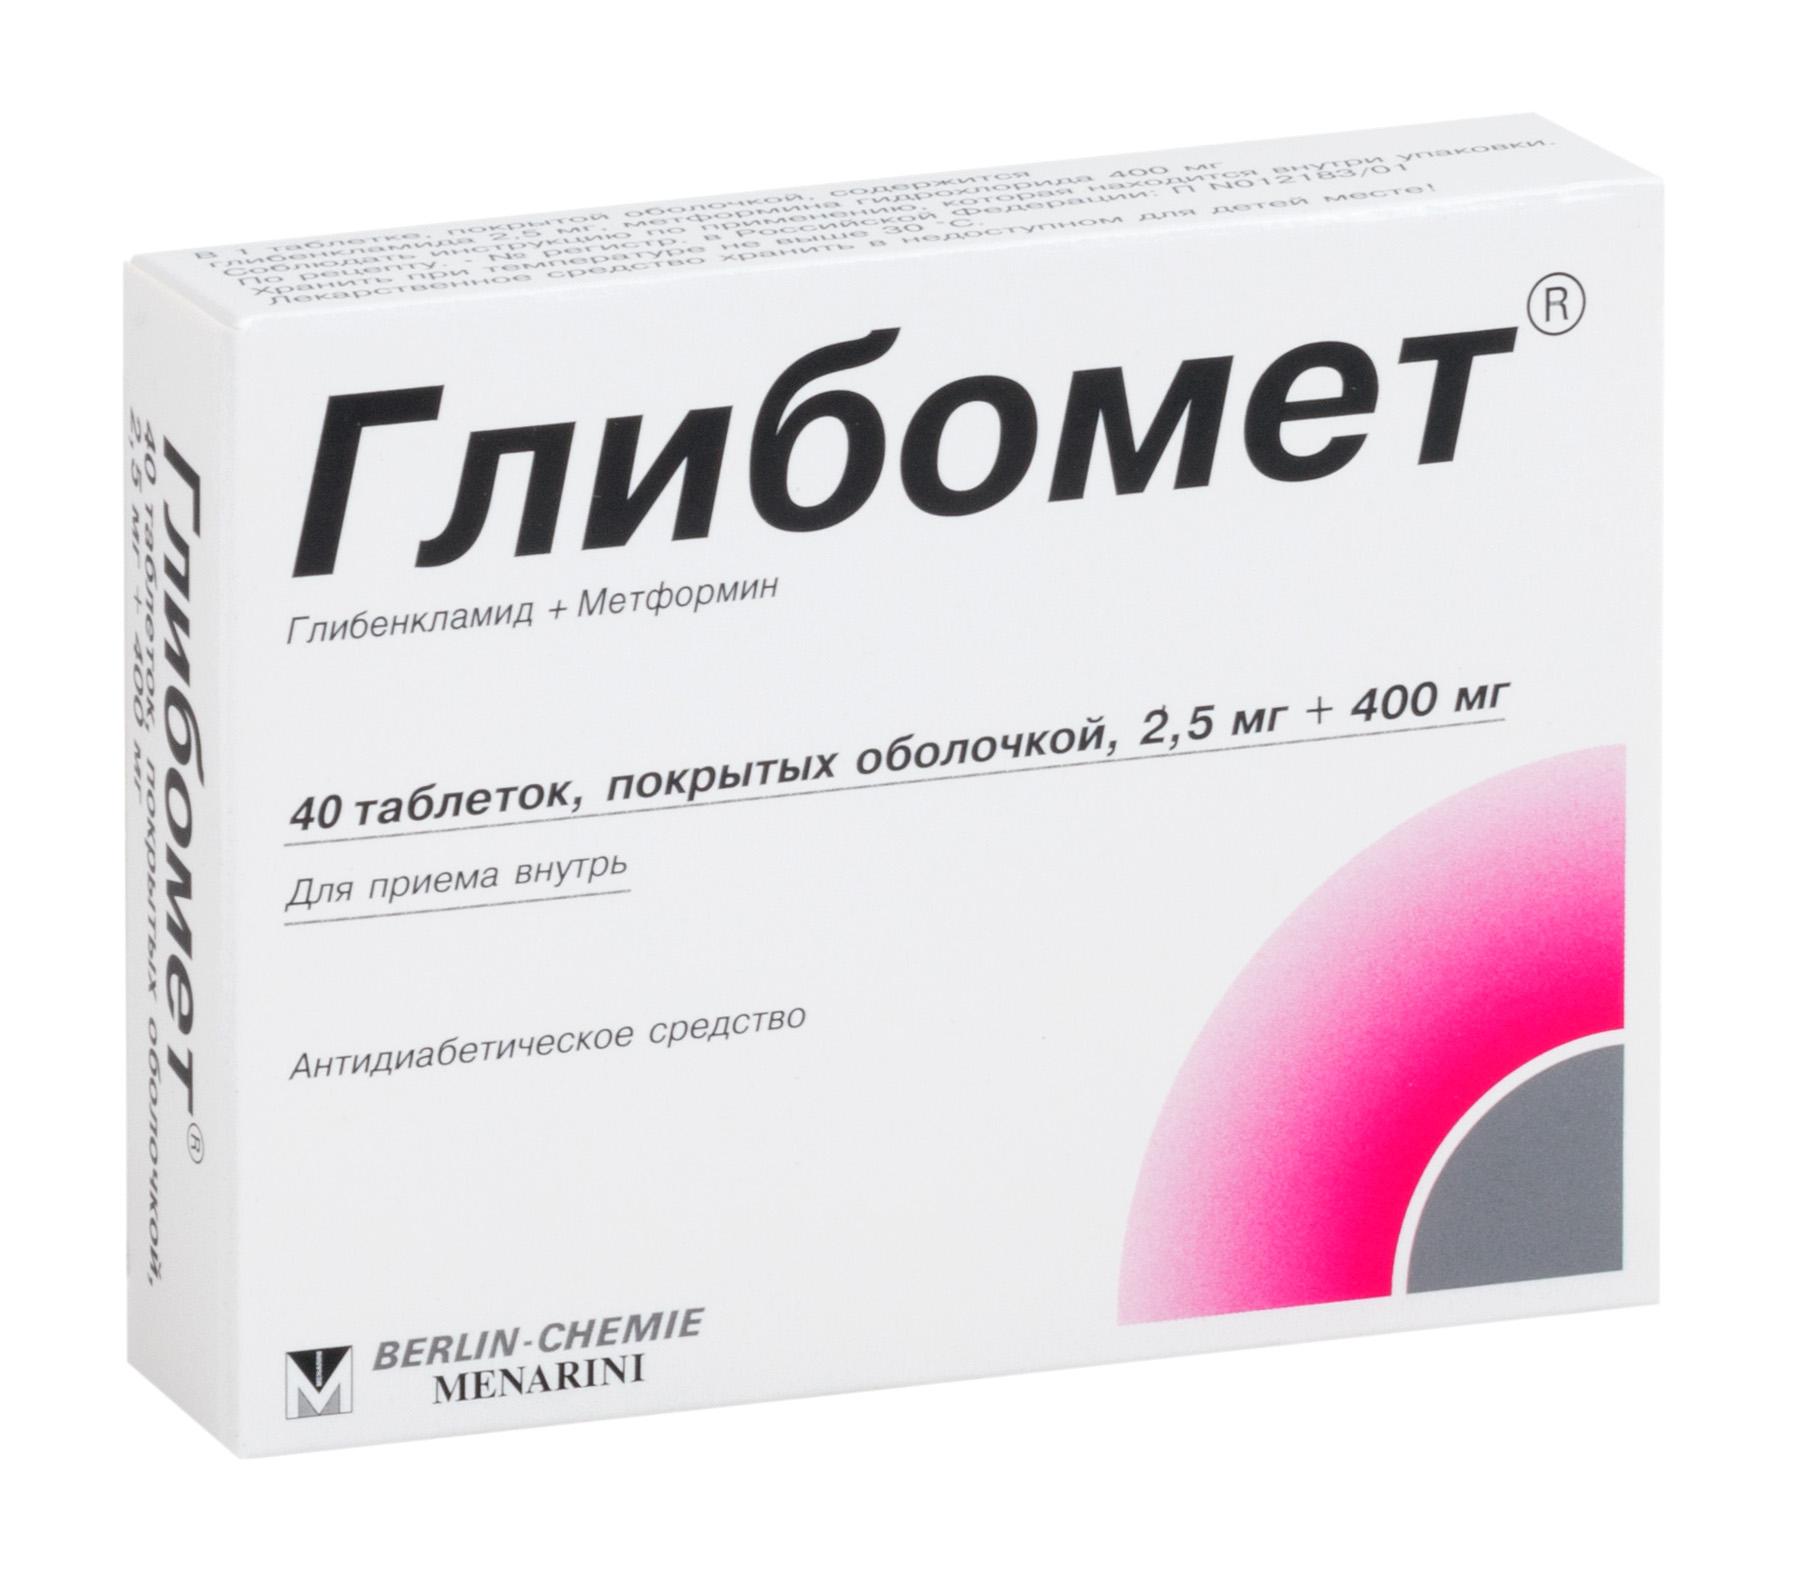 Глибомет таб. п.о 400мг+2,5мг n40